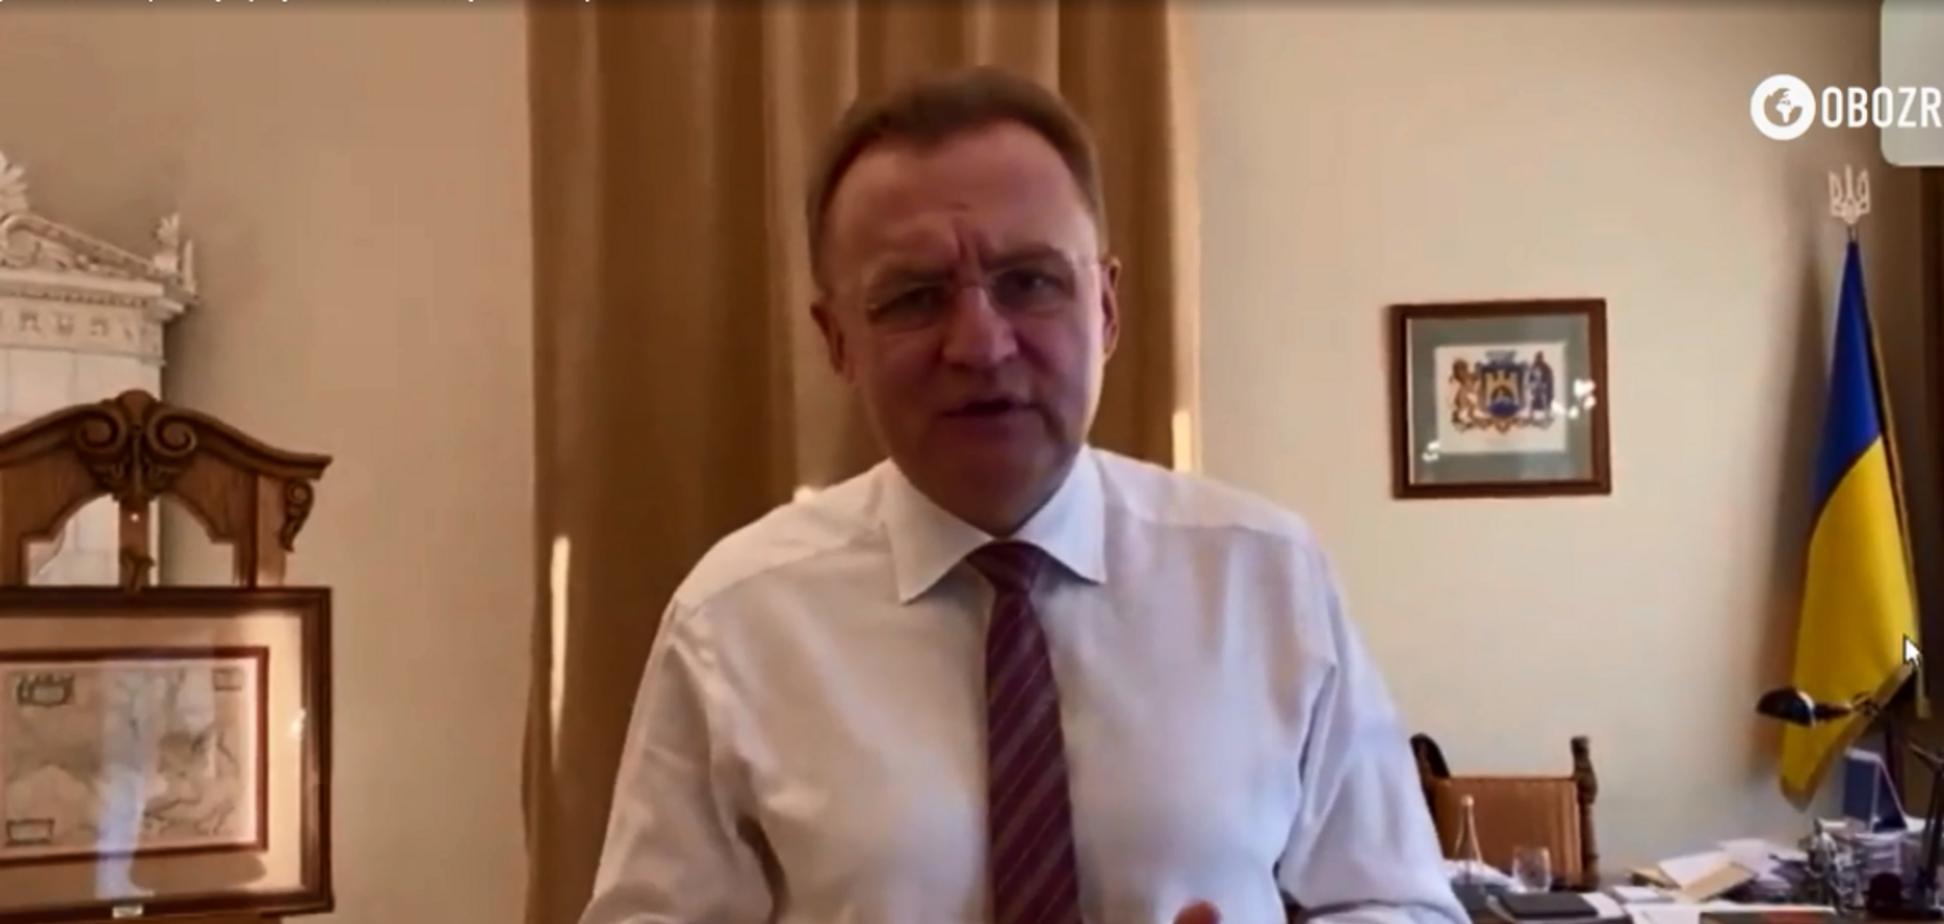 Коронавирус во Львове: Садовый рассказал, как живет город на карантине